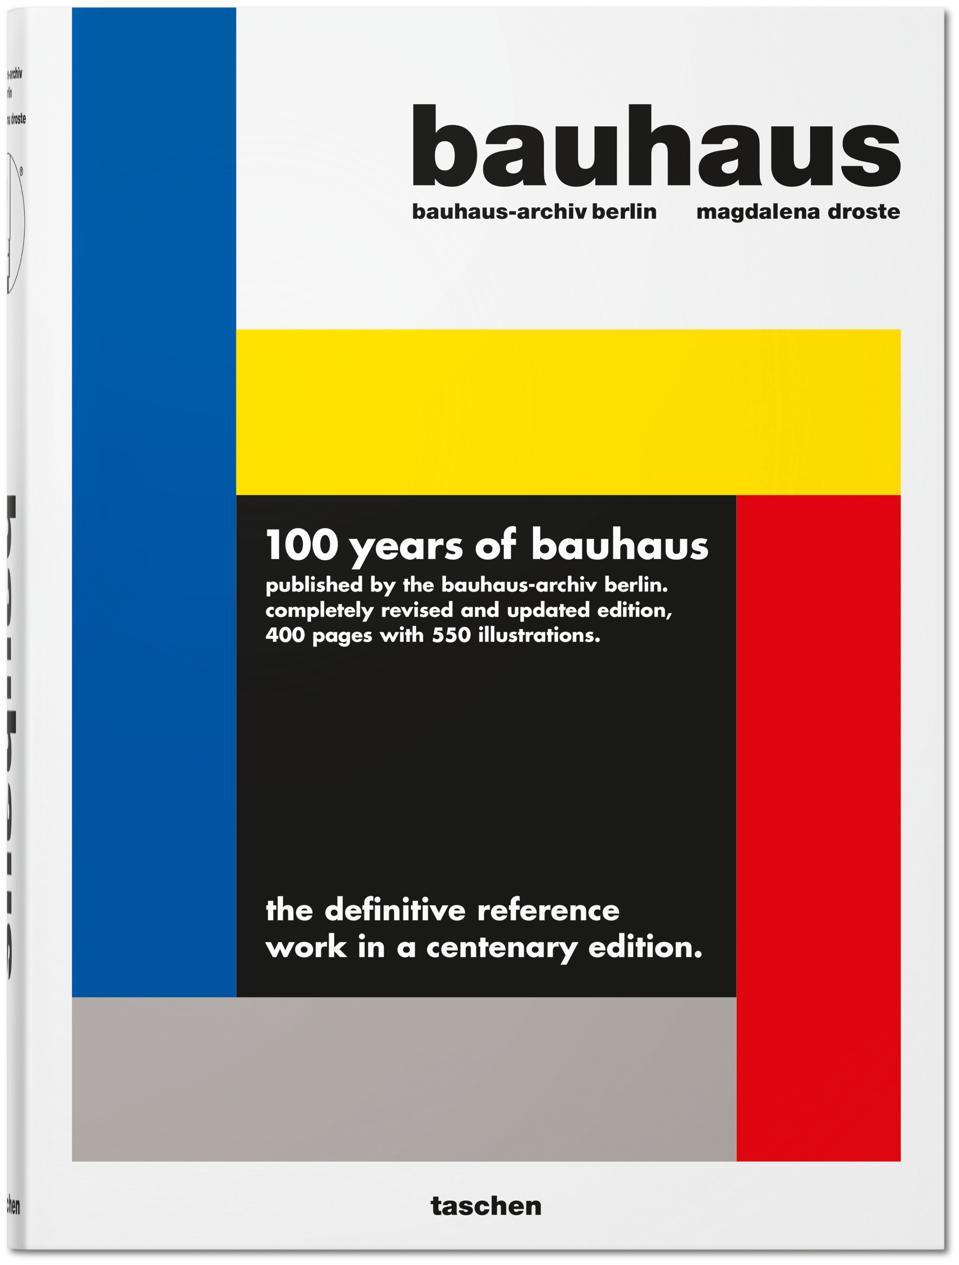 ″Bauhaus″